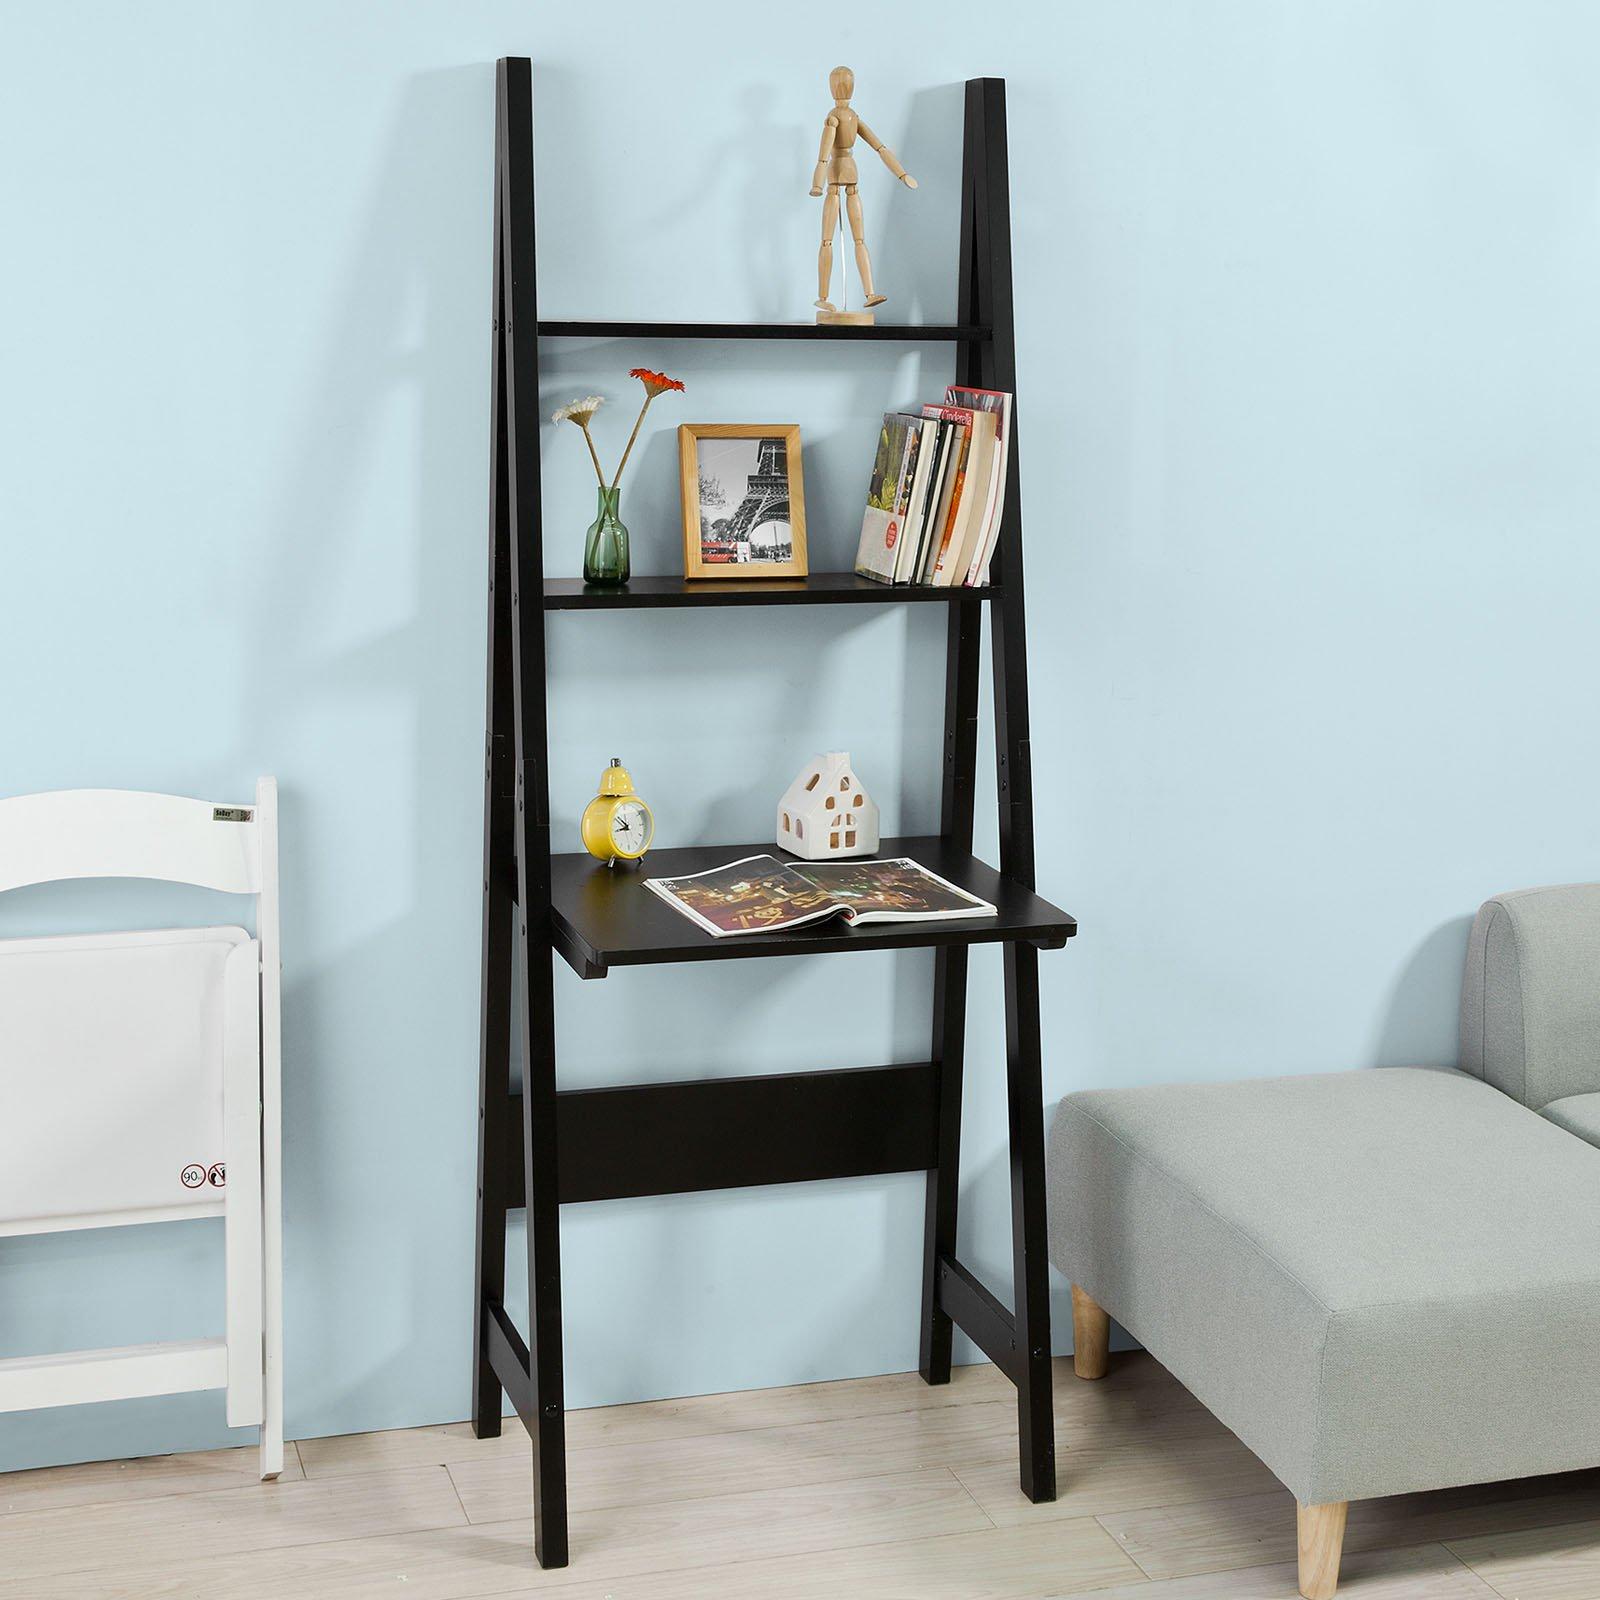 Haotian Modern ladder bookcase made of wood, book shelf,stand shelf, wall shelf ,corner bookshelf (FRG60-SCH)